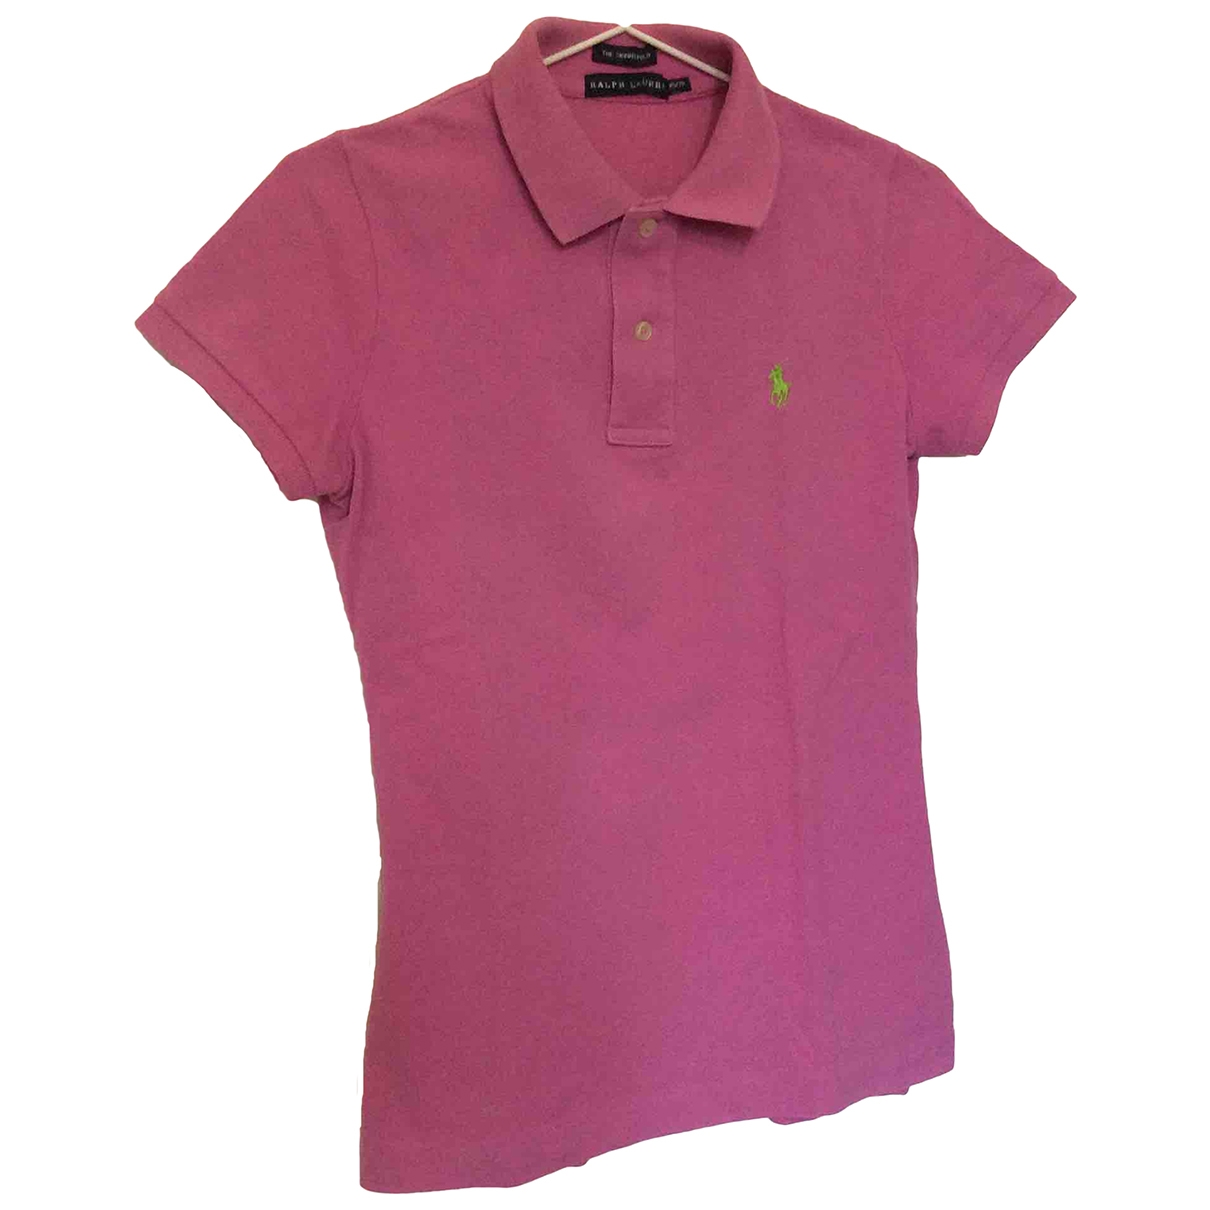 Polo Ralph Lauren - Top Polo cintre manches courtes pour femme en coton - violet